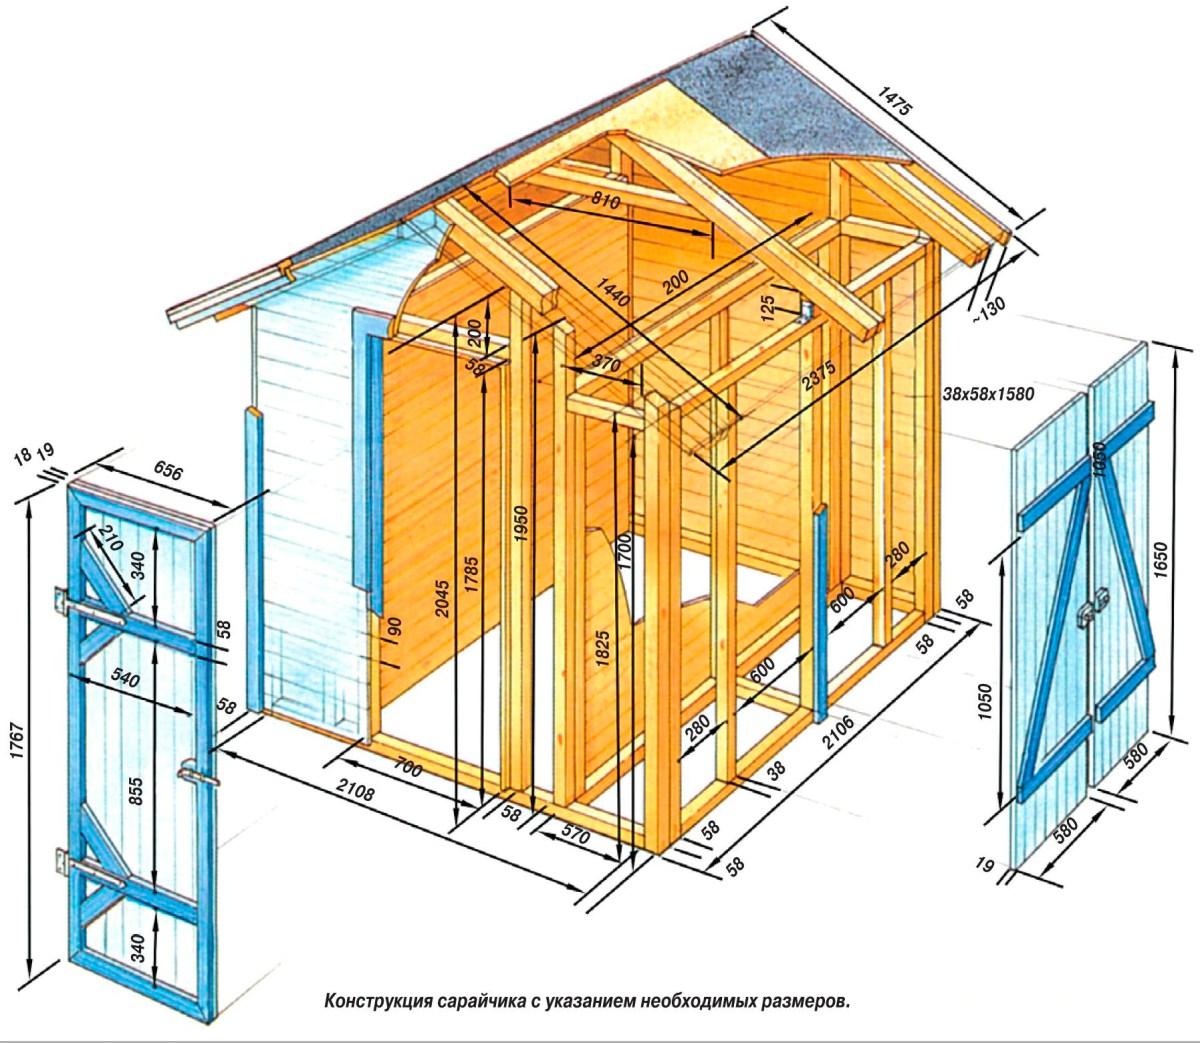 Сарай на даче: как быстро построить двухэтажный сарай своими руками